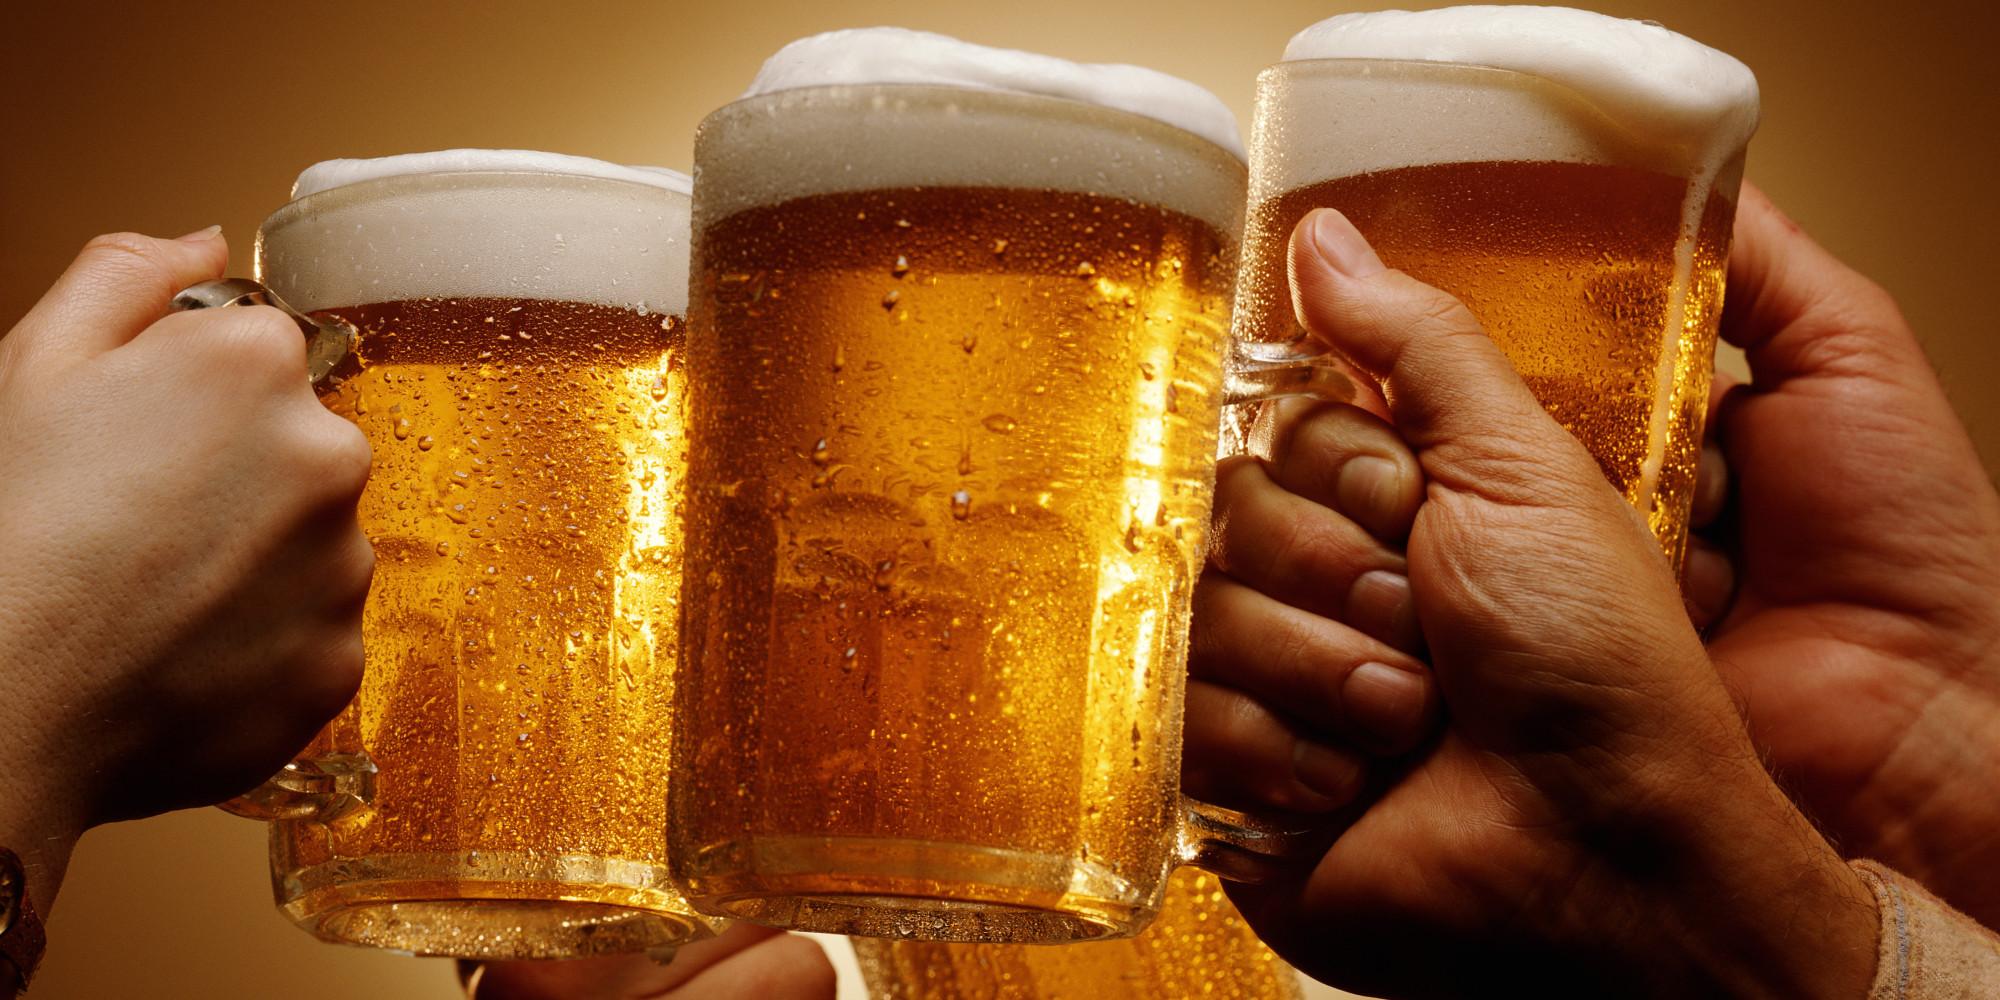 o-PINT-GLASS-BEER-facebook1.jpg